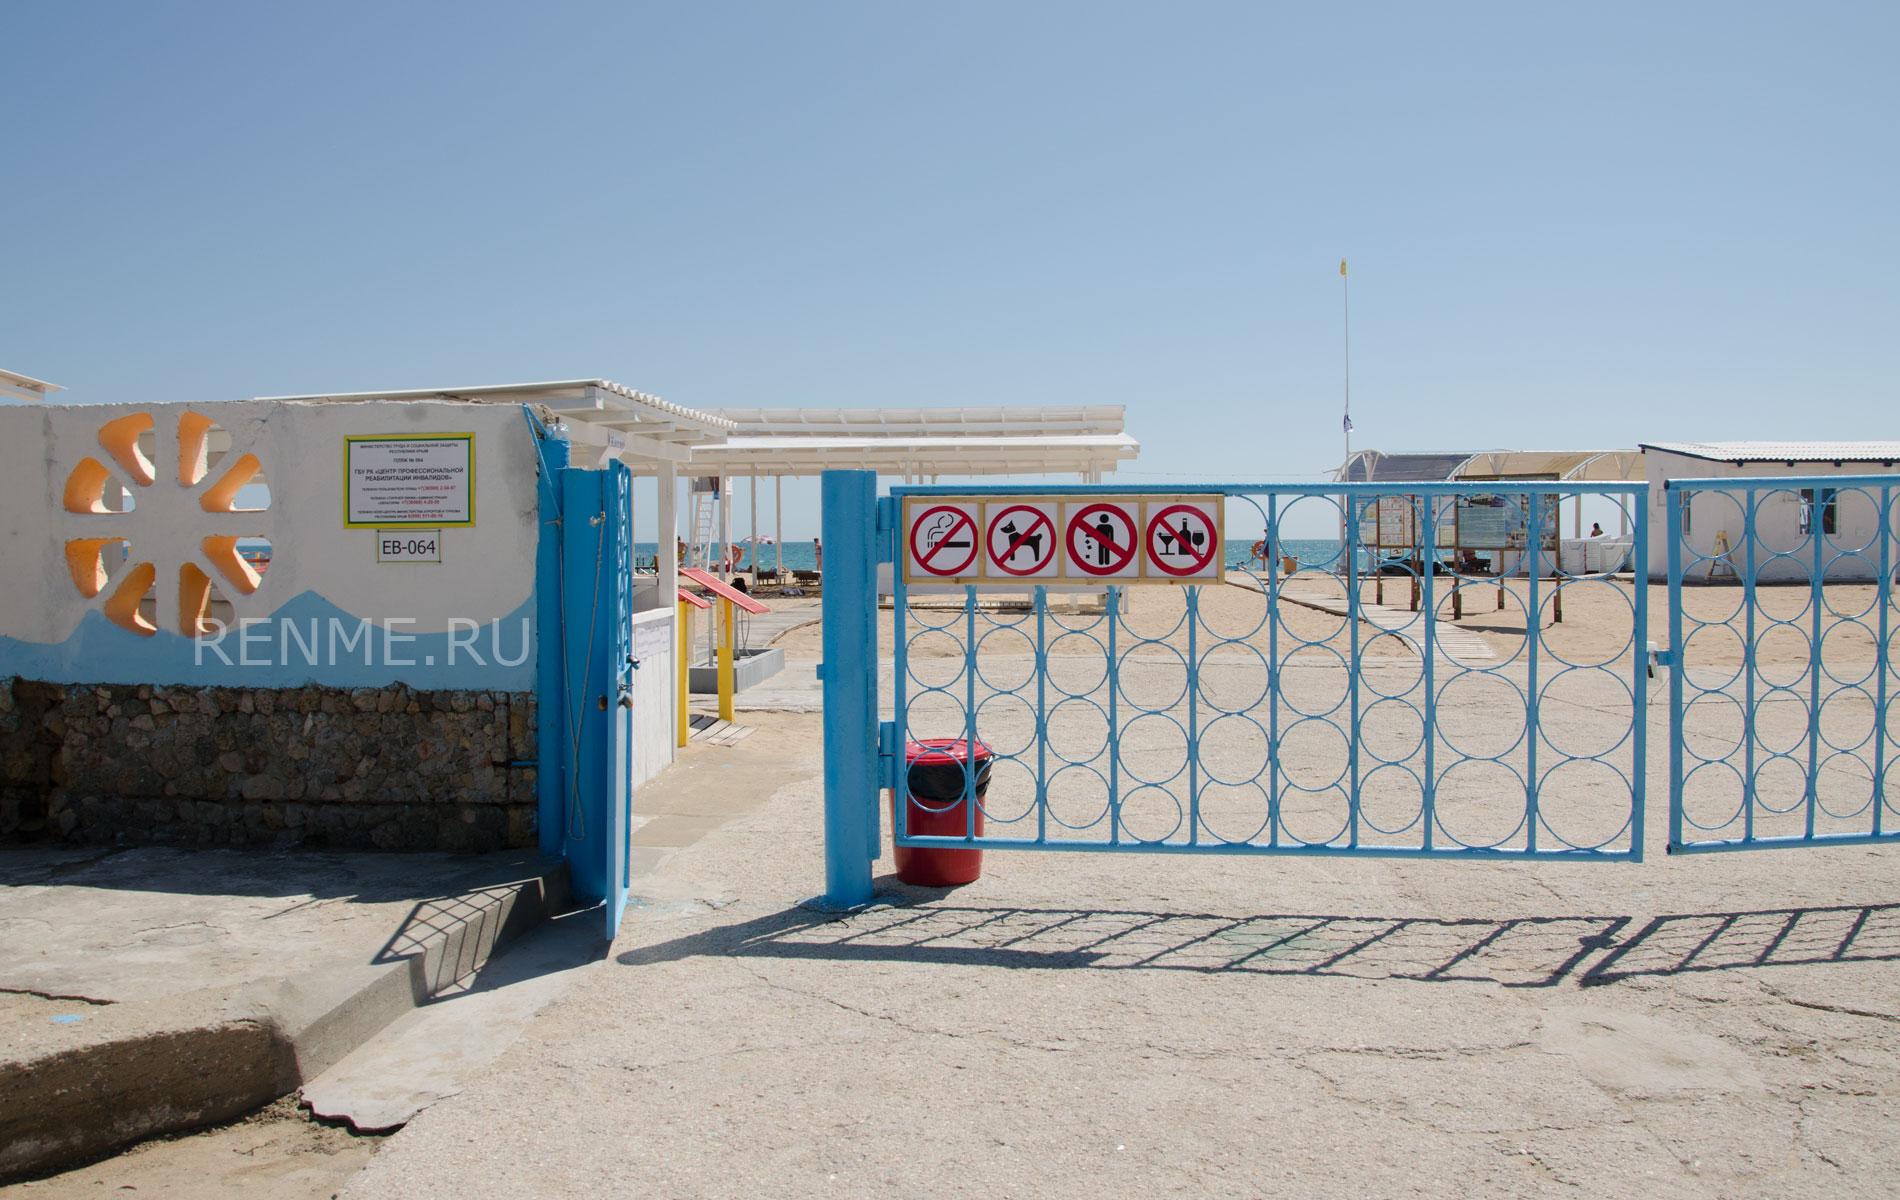 Центральный вход на пляж в Евпатории. Фото Евпатории